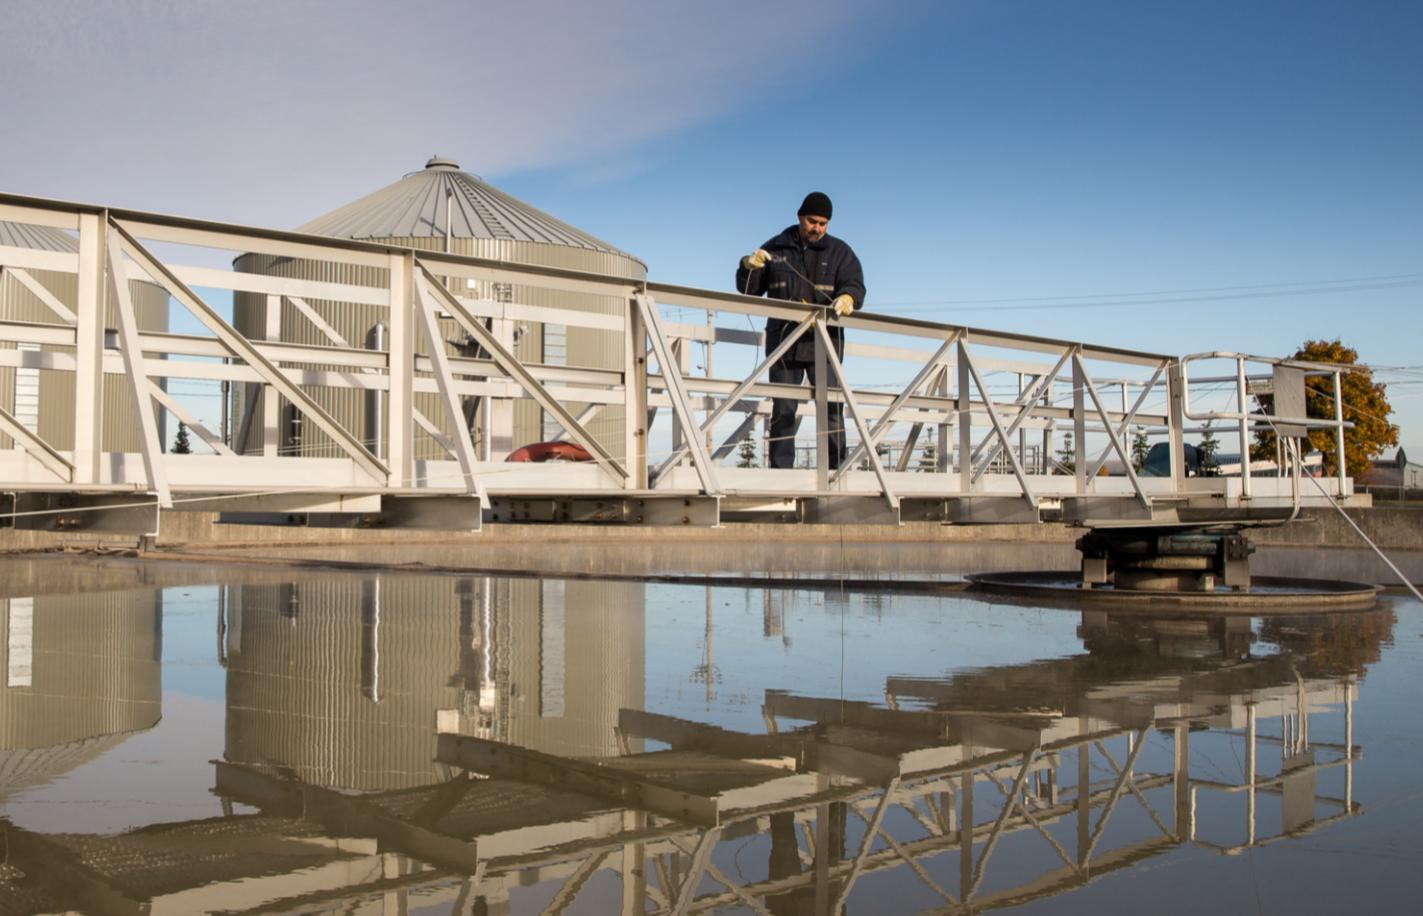 Article : Assainissement des eaux, il doit engager des Français pour pourvoir les postes